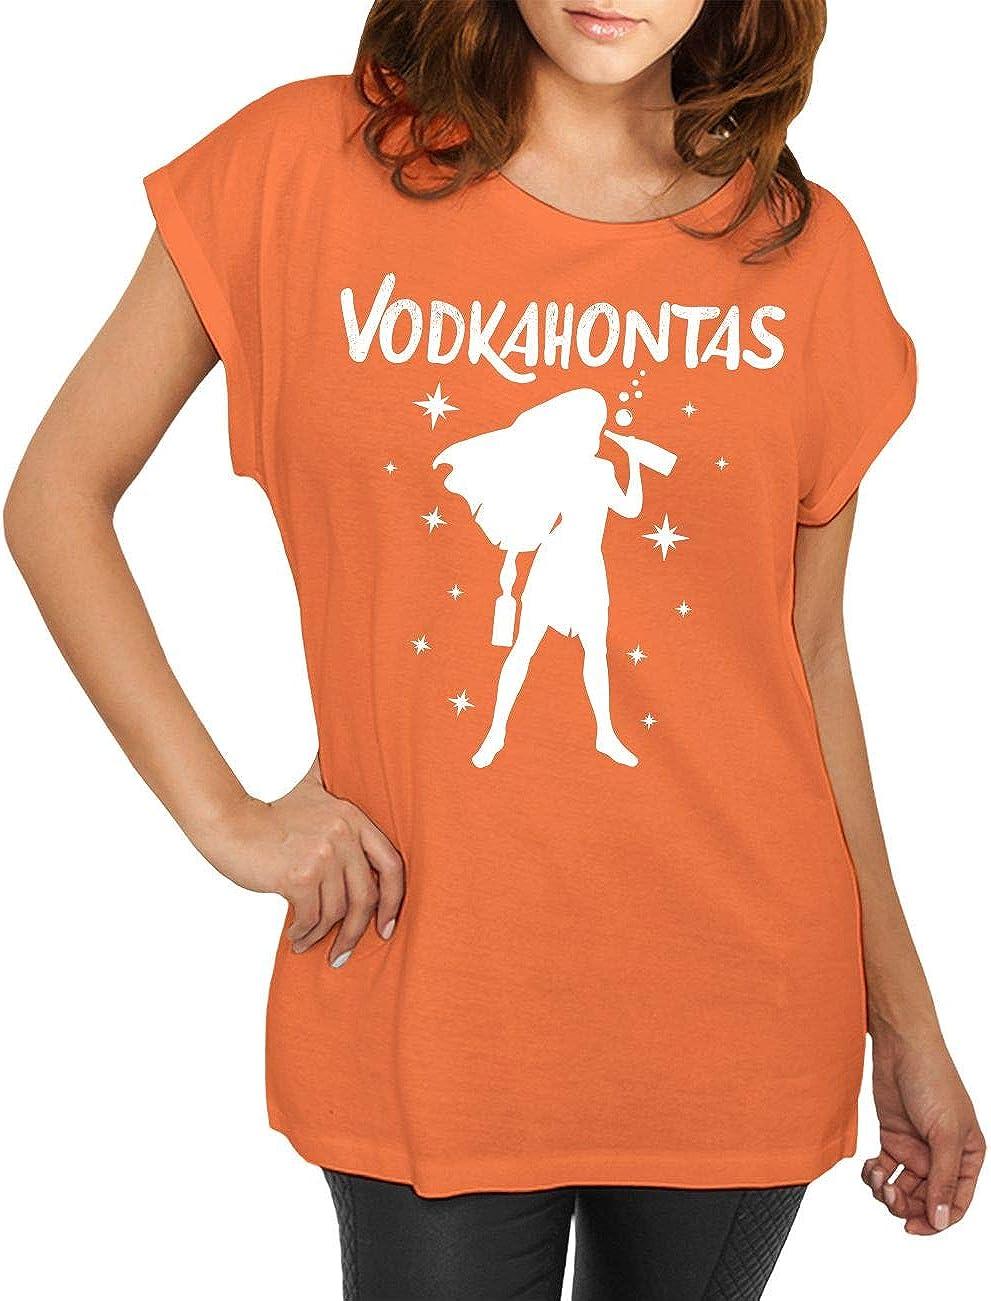 Frauen T-Shirt Wodka macht nüscht kaputt Alkohol Schnaps Sprüche Größe XS 5XL